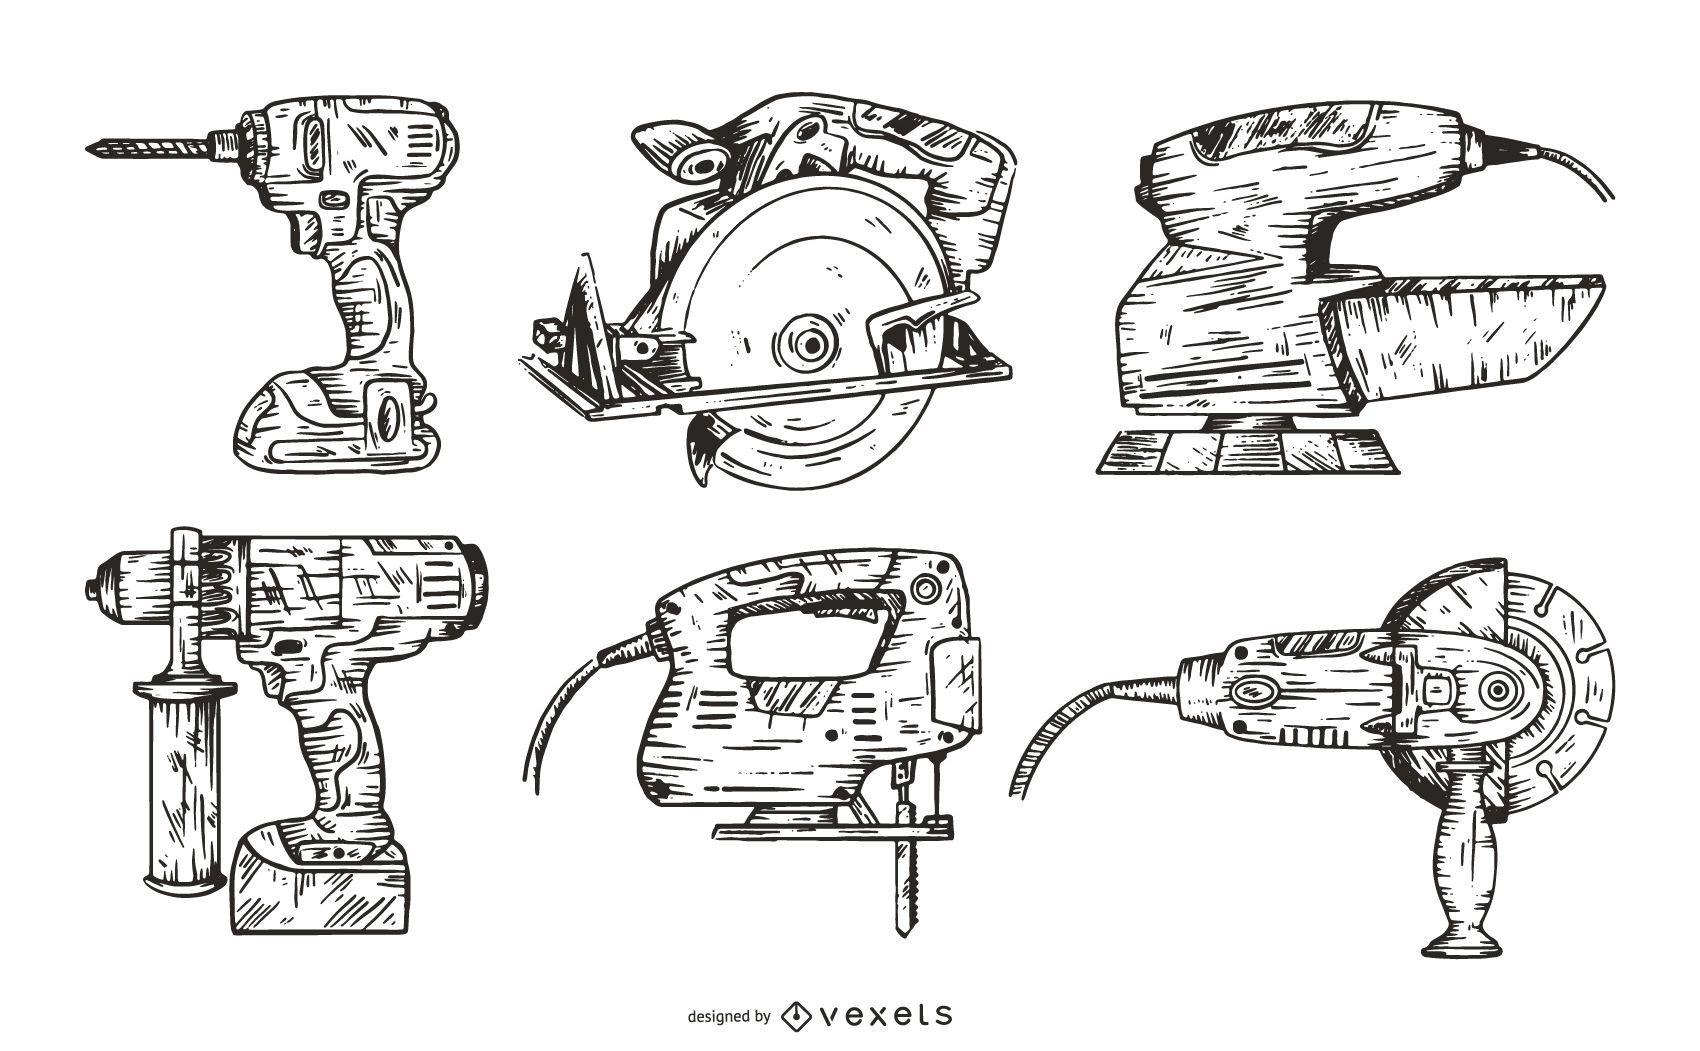 Paquete ilustrado de diseño de herramientas eléctricas